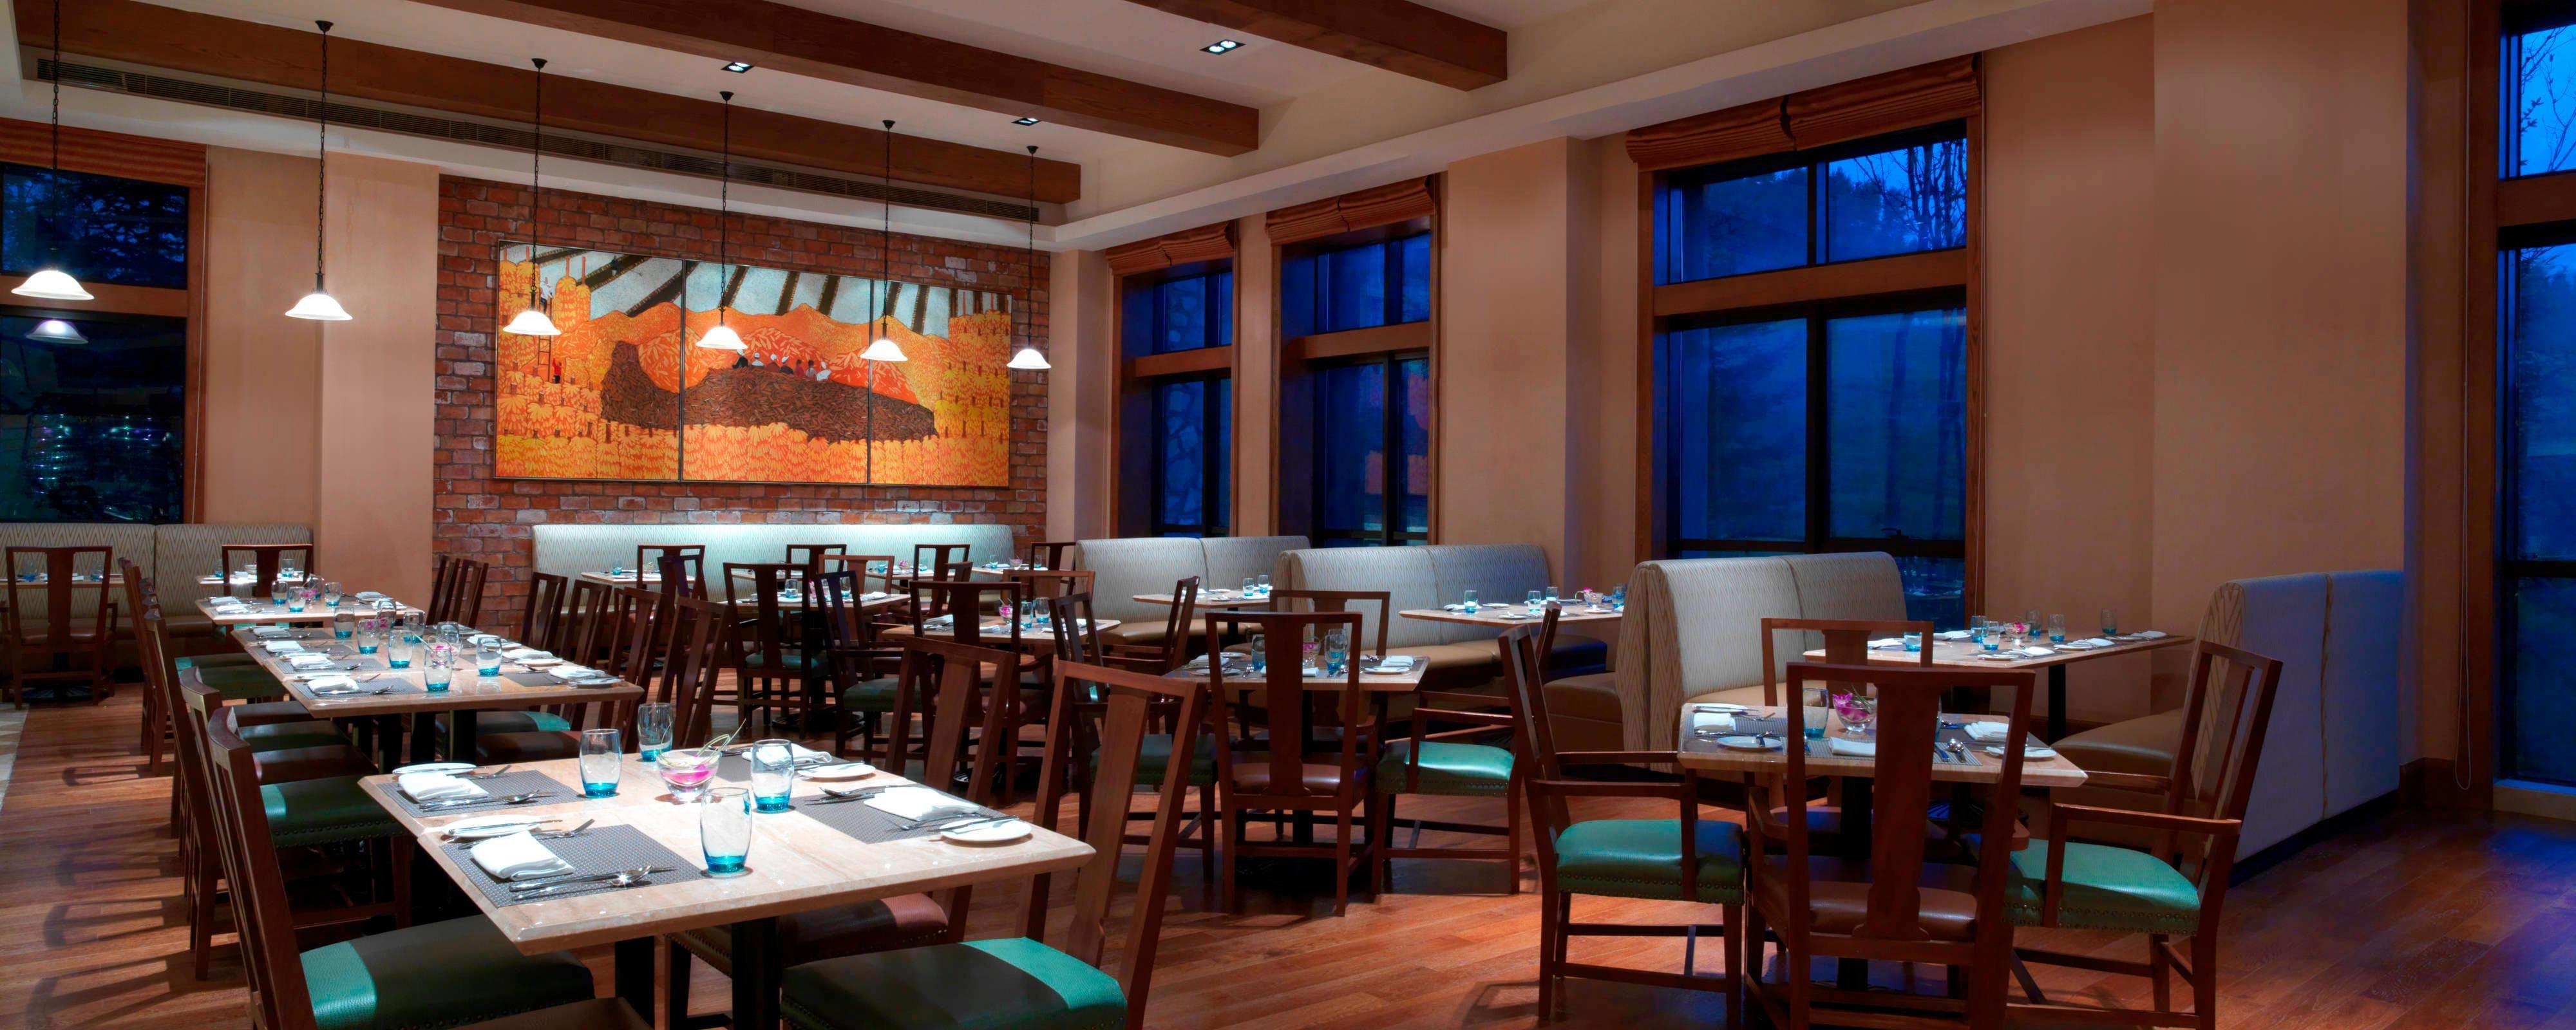 Restaurante Feast, restaurante emblemático